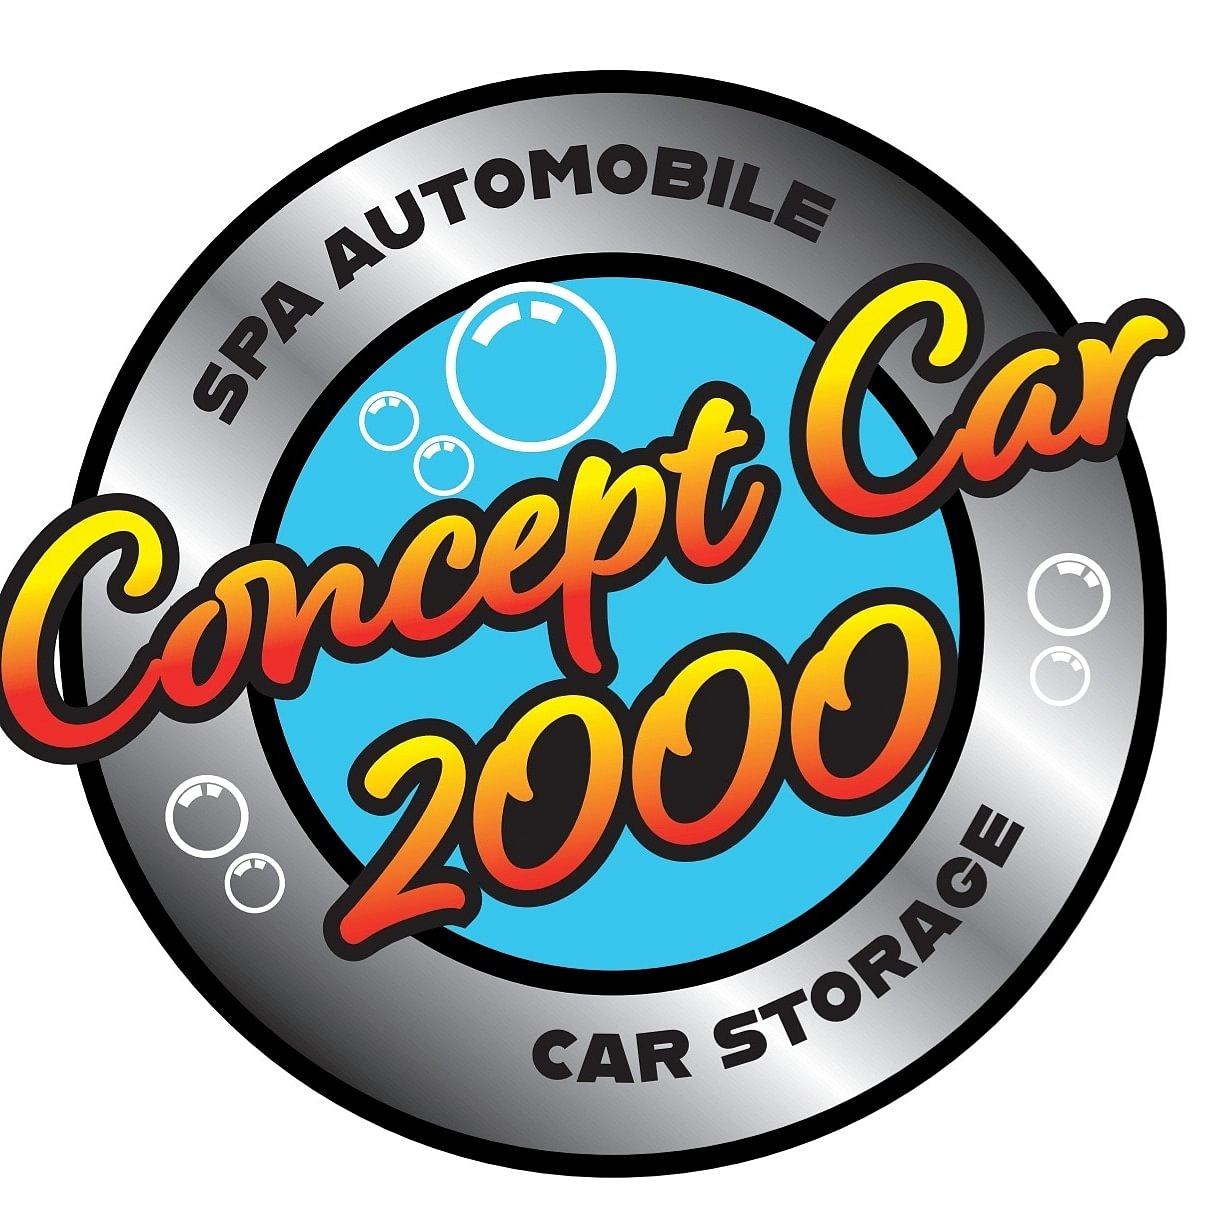 Concept car2000